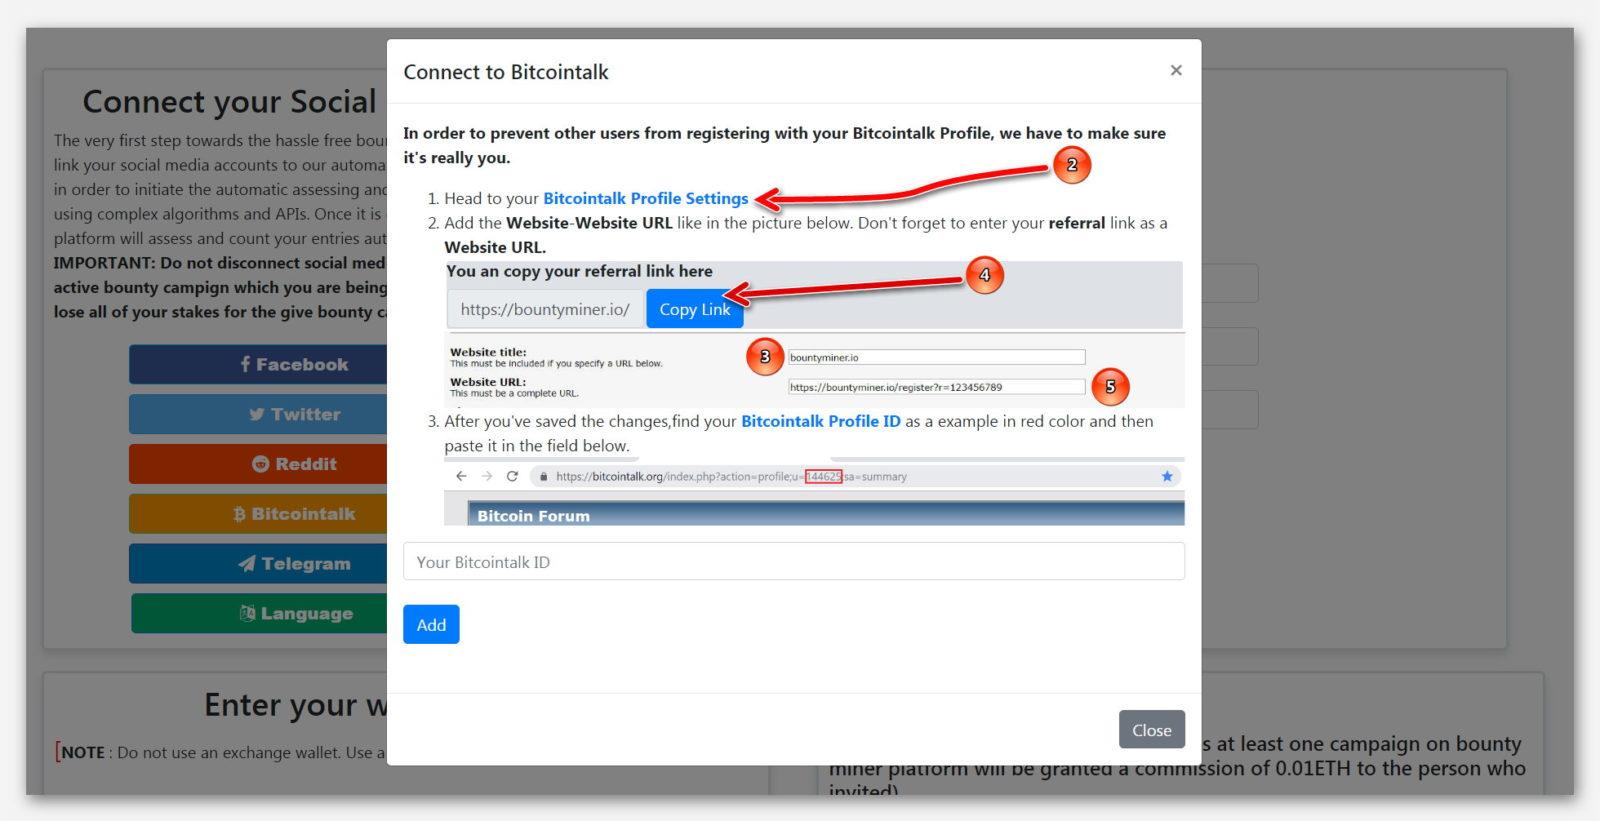 Форма для подключение Bitcointalk к платформе BountyMiner